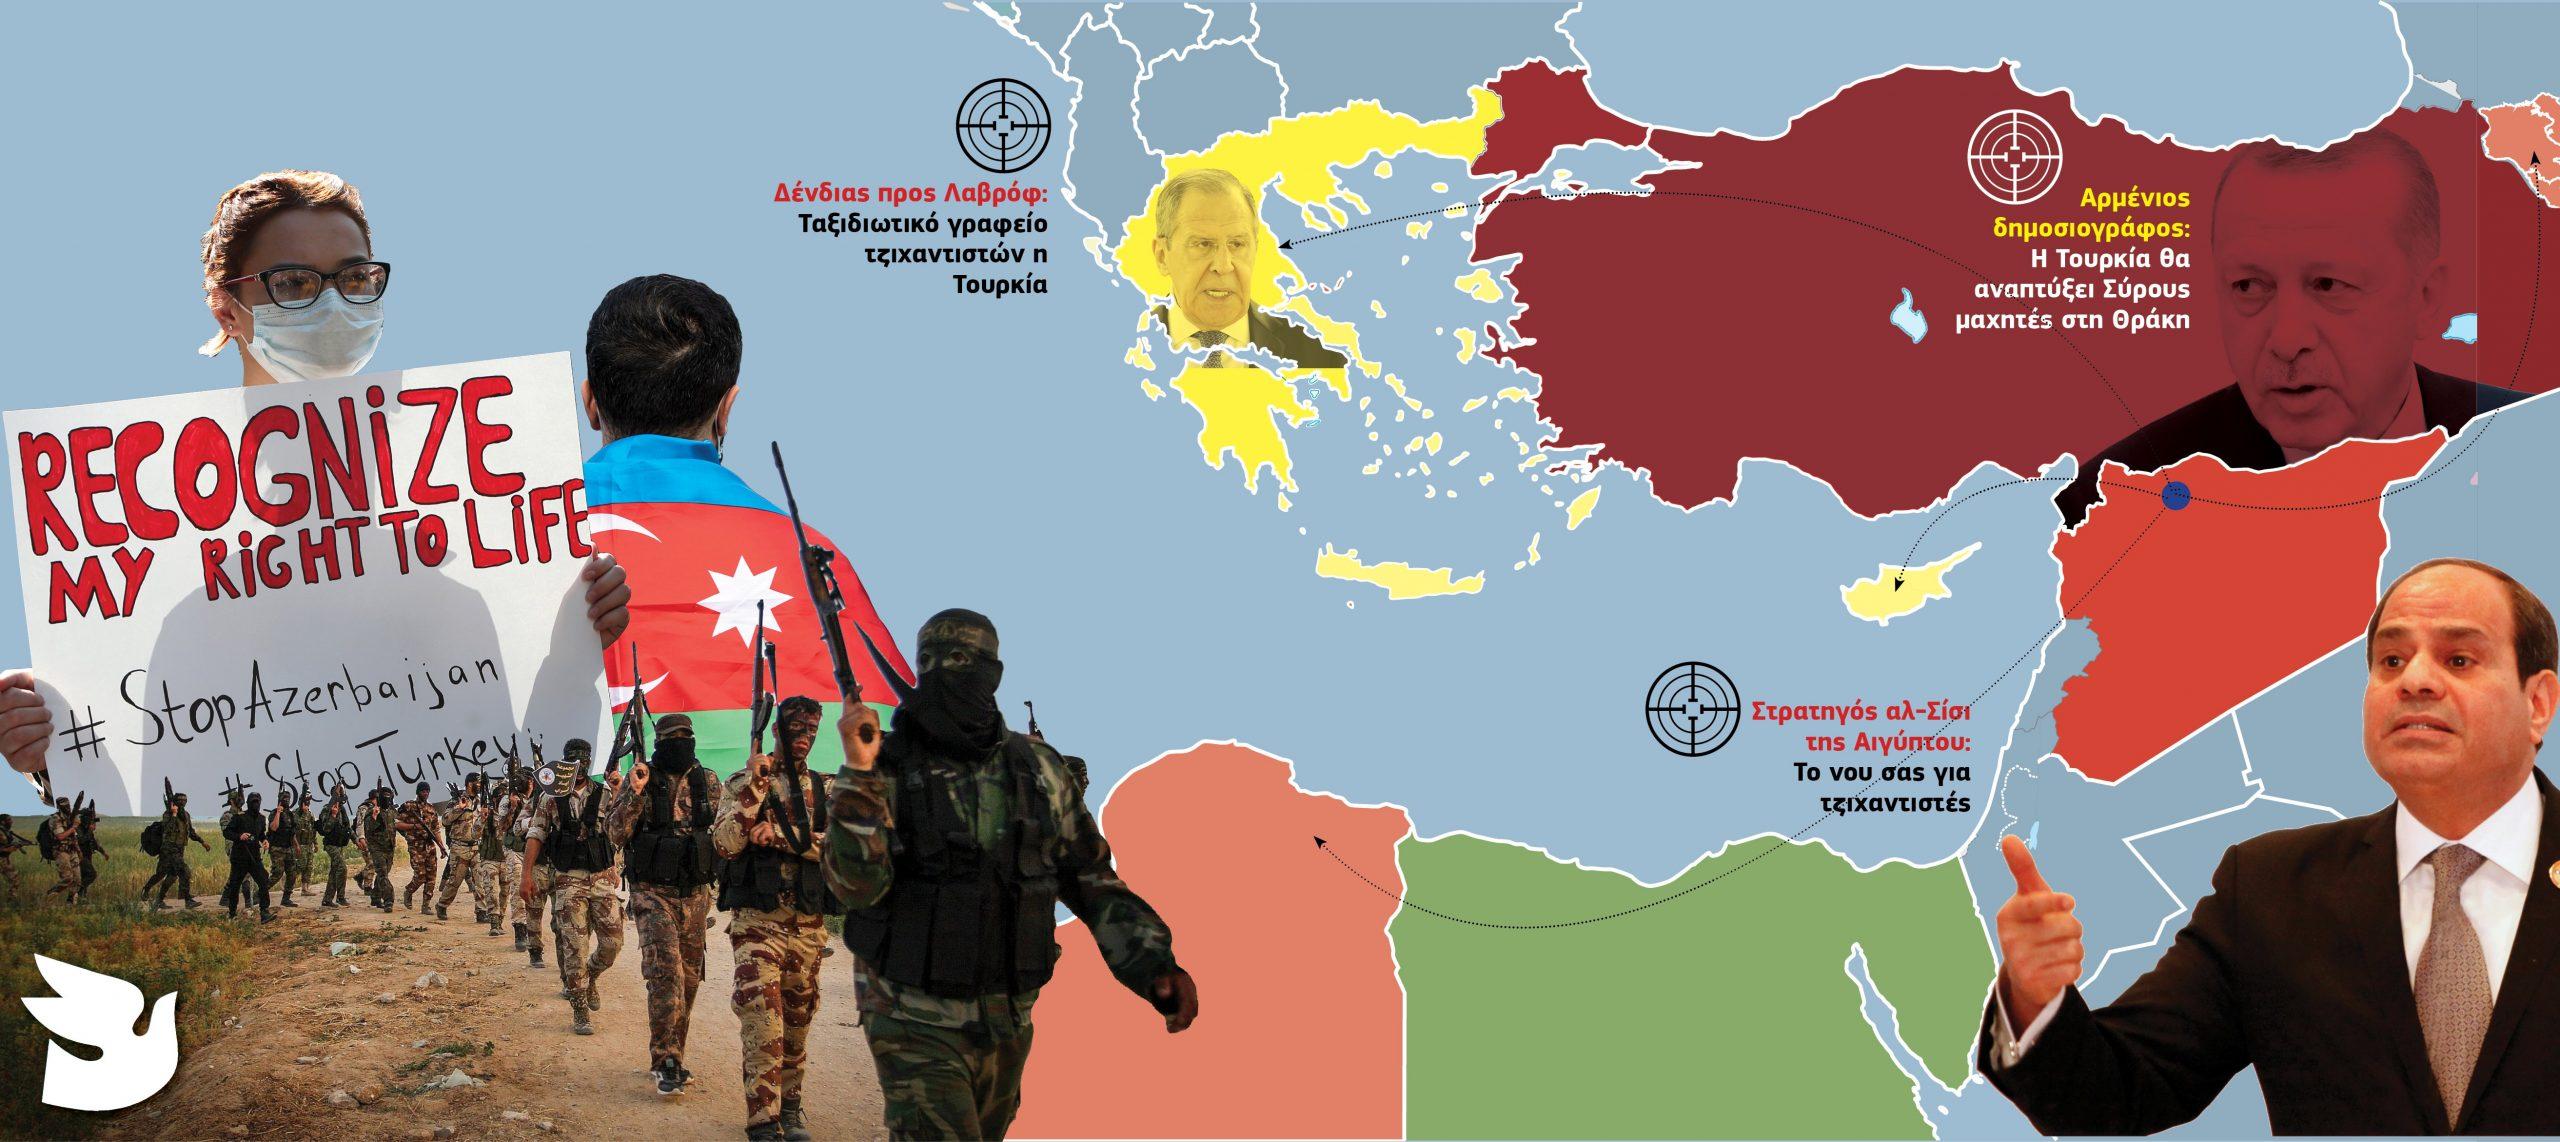 Σύροι μισθοφόροι τζιχαντιστές στην Αν. Θράκη; Αρμενική προειδοποίηση μετά τον αλ-Σίσι